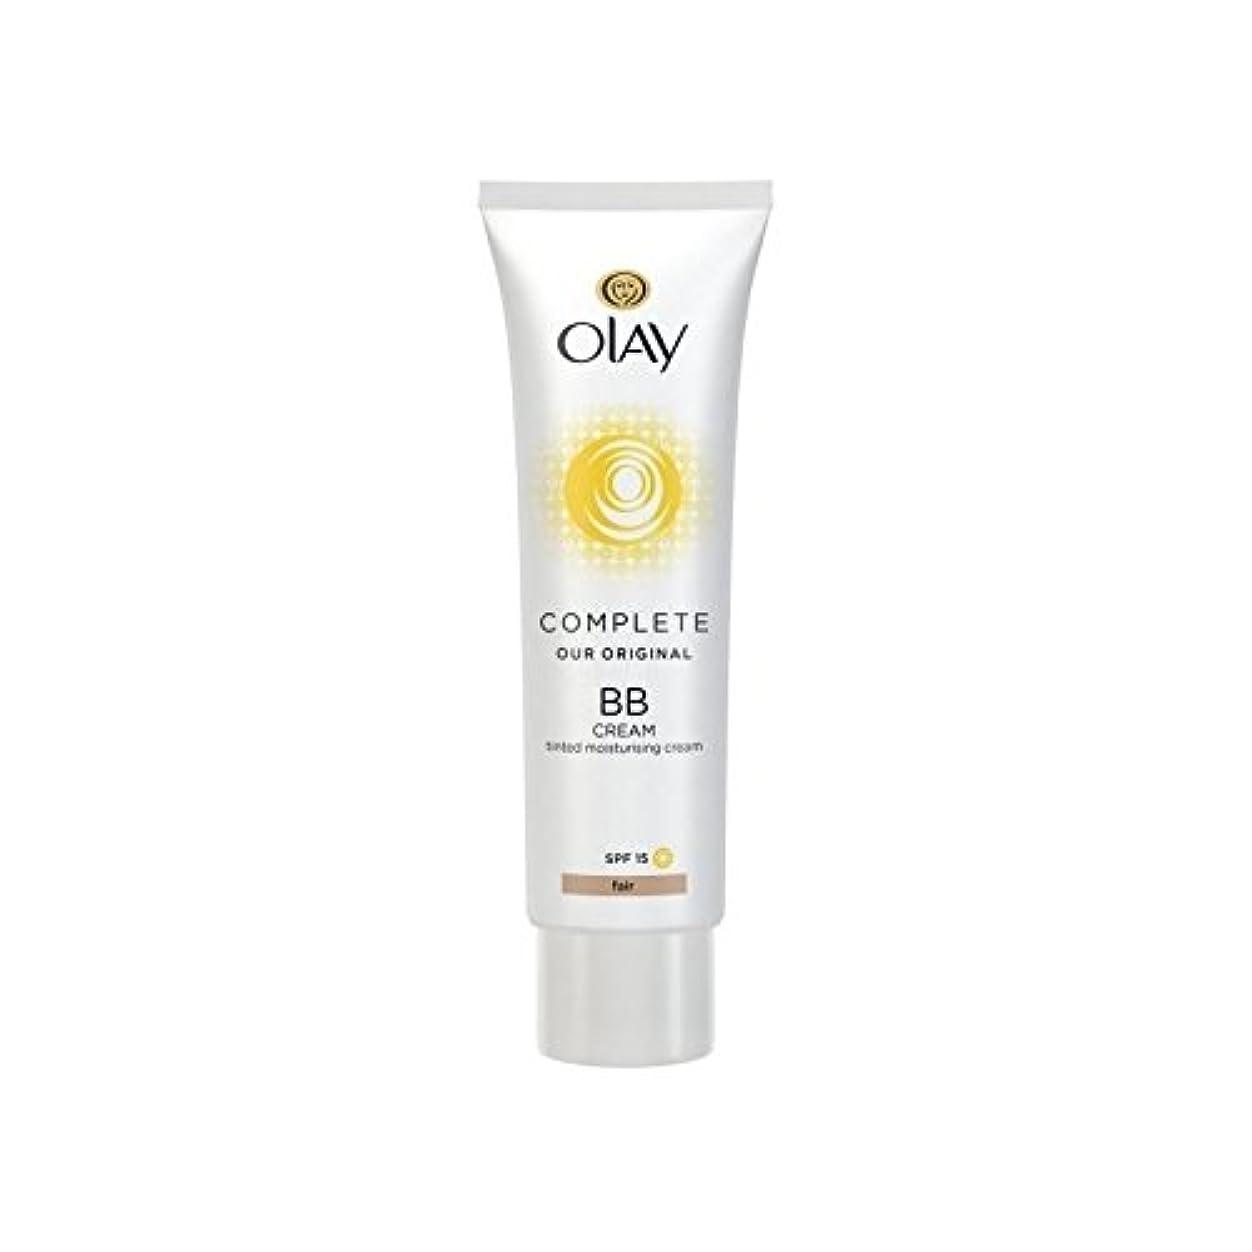 スペクトラムサポート悲しみオーレイ完全なクリーム15フェアの50ミリリットル x2 - Olay Complete BB Cream Fair SPF15 50ml (Pack of 2) [並行輸入品]